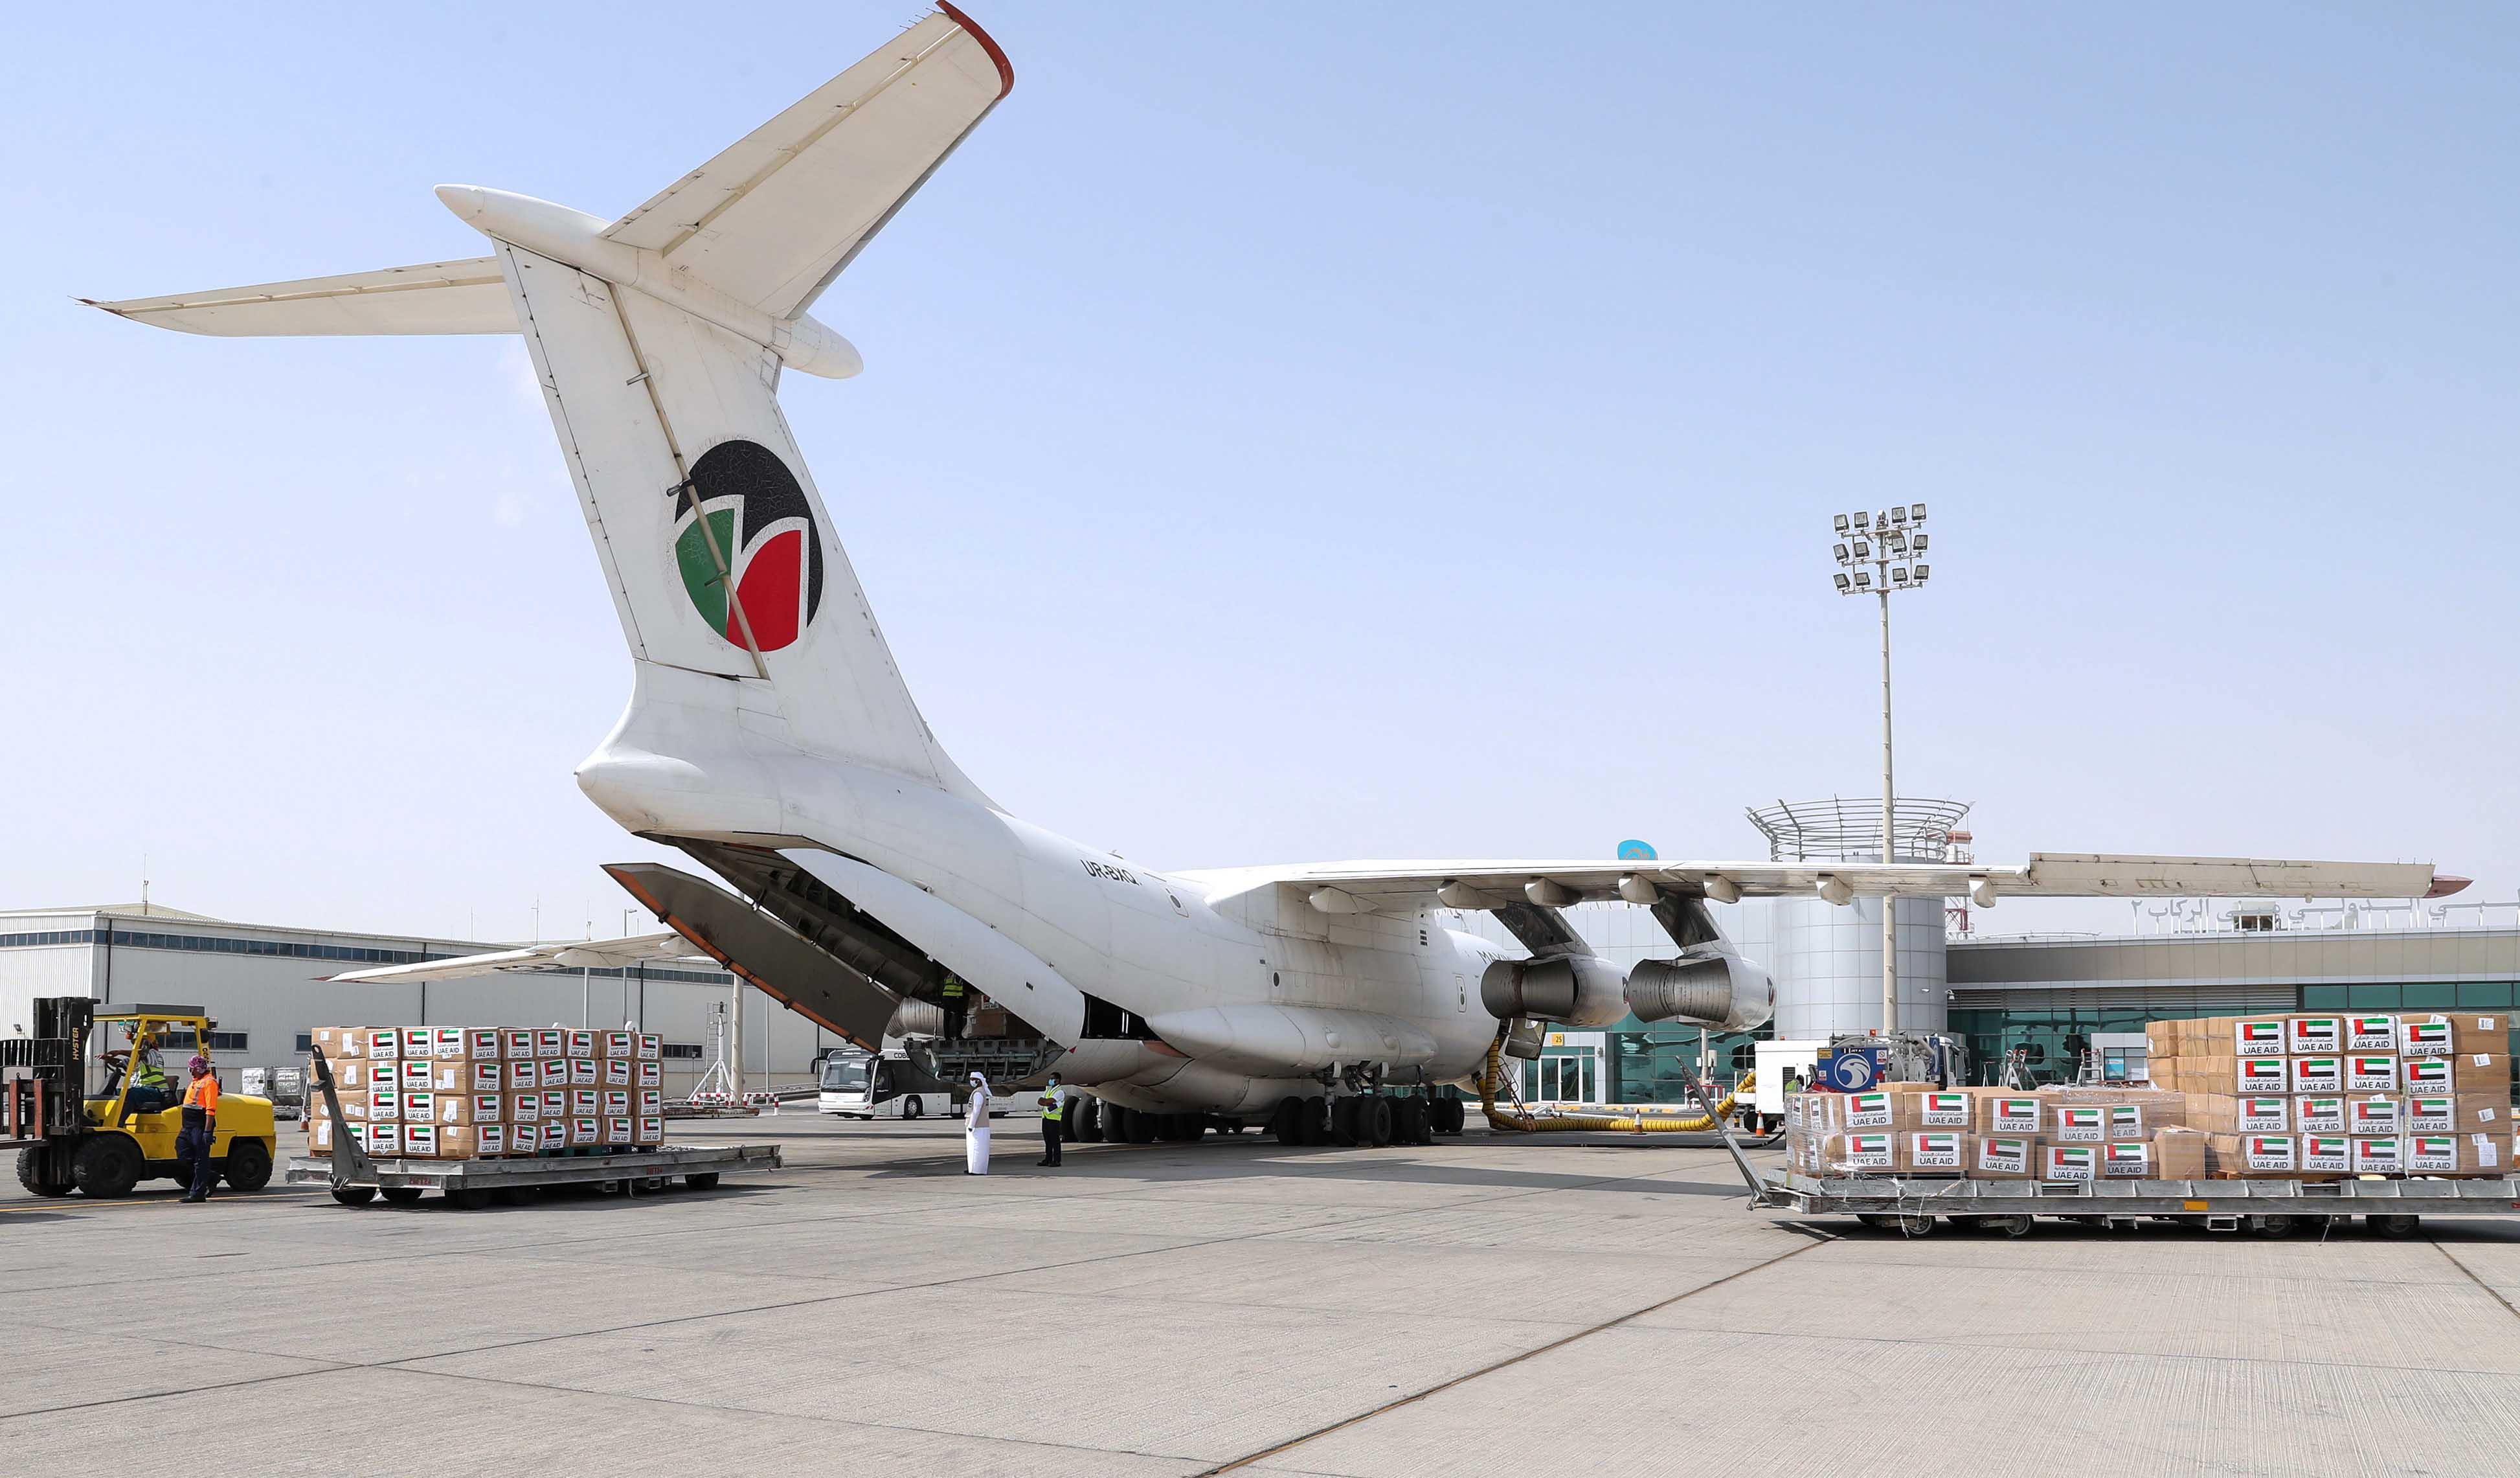 """الإمارات ترسل مساعدات طبية إلى إقليم كردستان العراق لتعزيز جهودها في مكافحة انتشار """" كوفيد-19 """""""